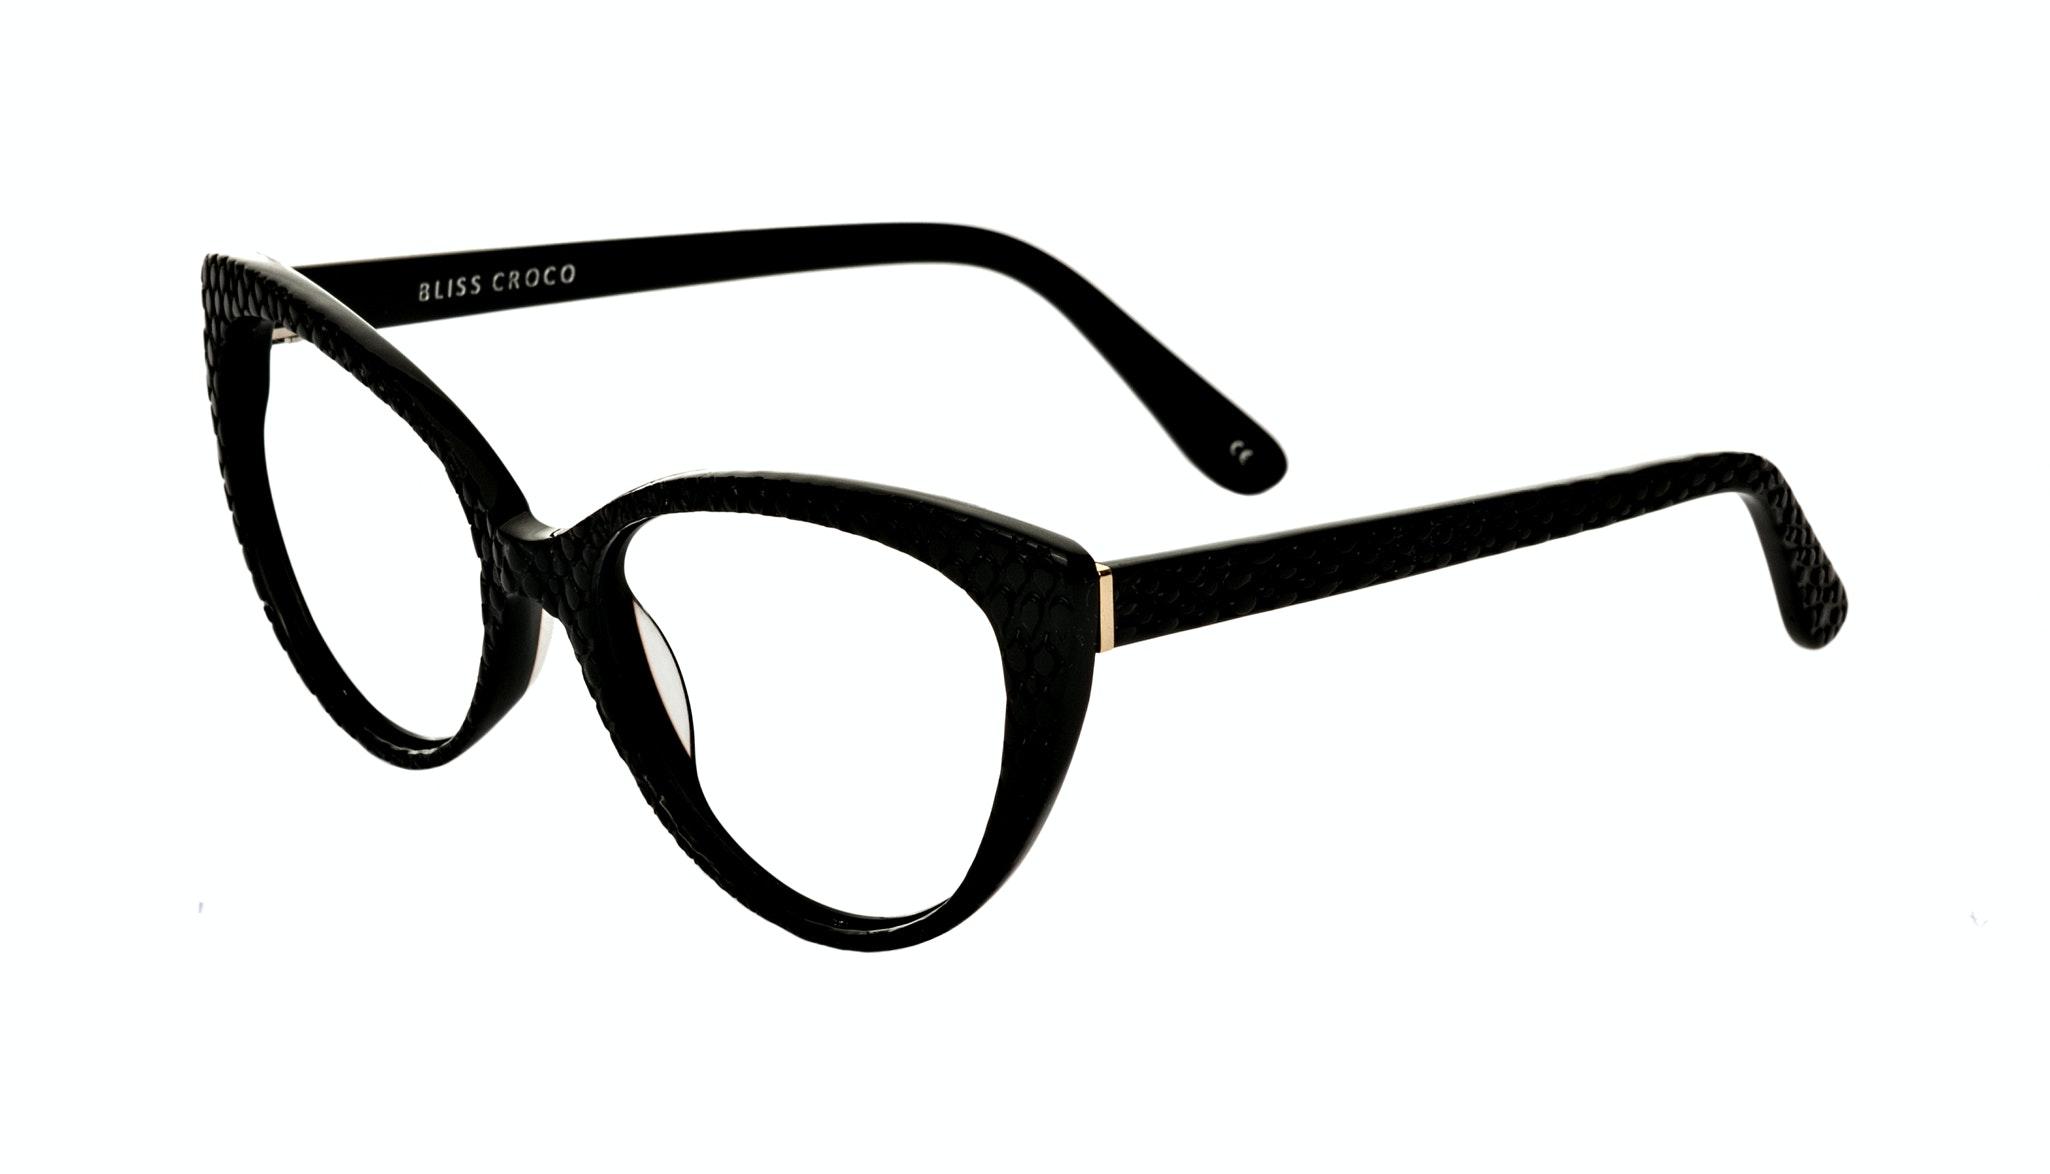 Affordable Fashion Glasses Cat Eye Eyeglasses Women Bliss Croco Tilt